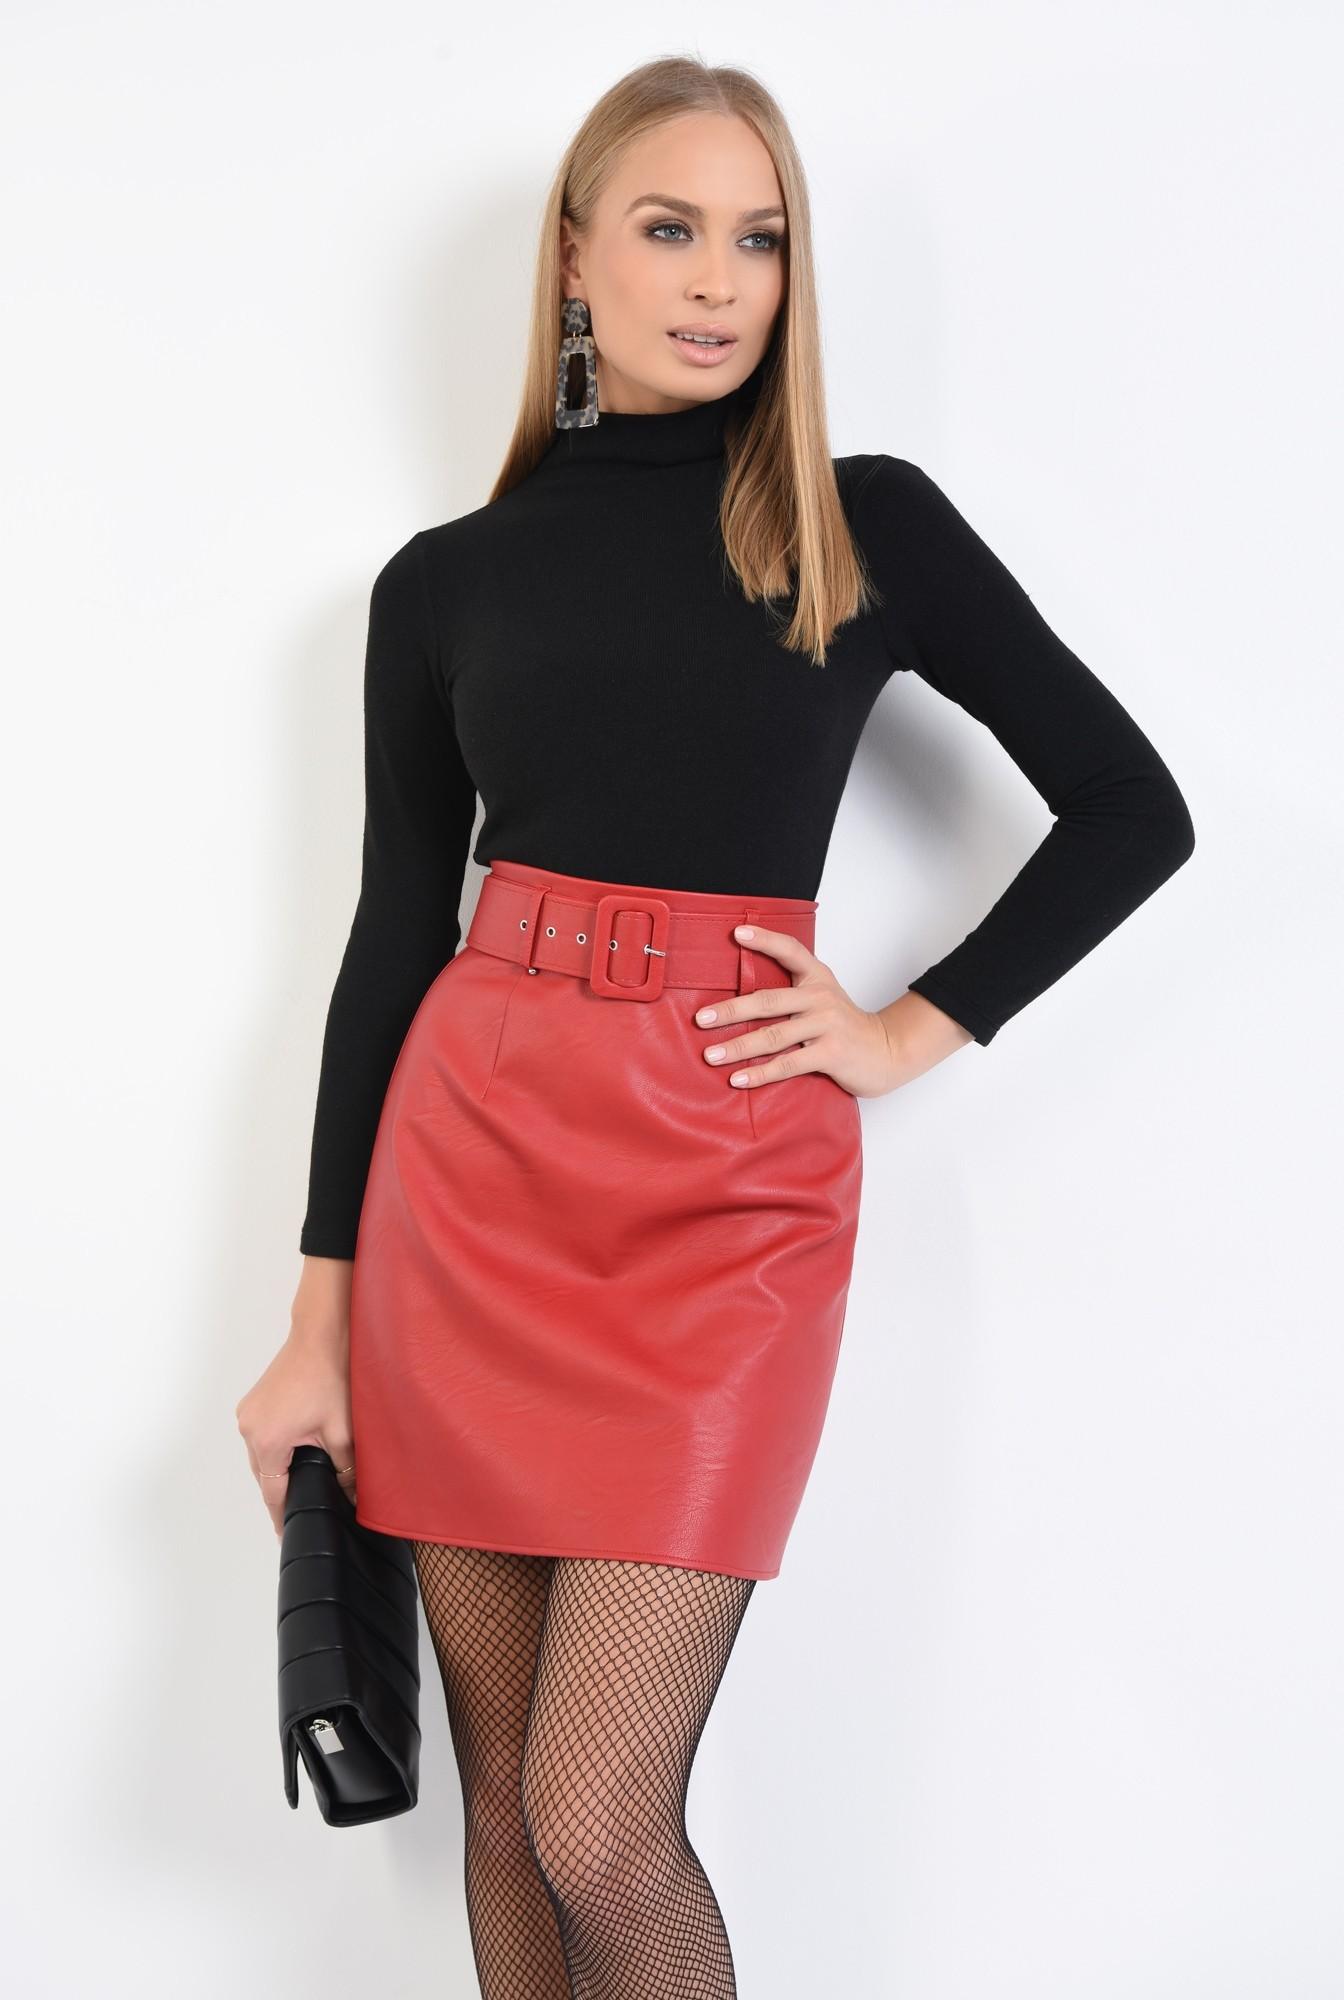 0 - 360 - fusta casual, scurta, rosie, cu centura, piele ecologica